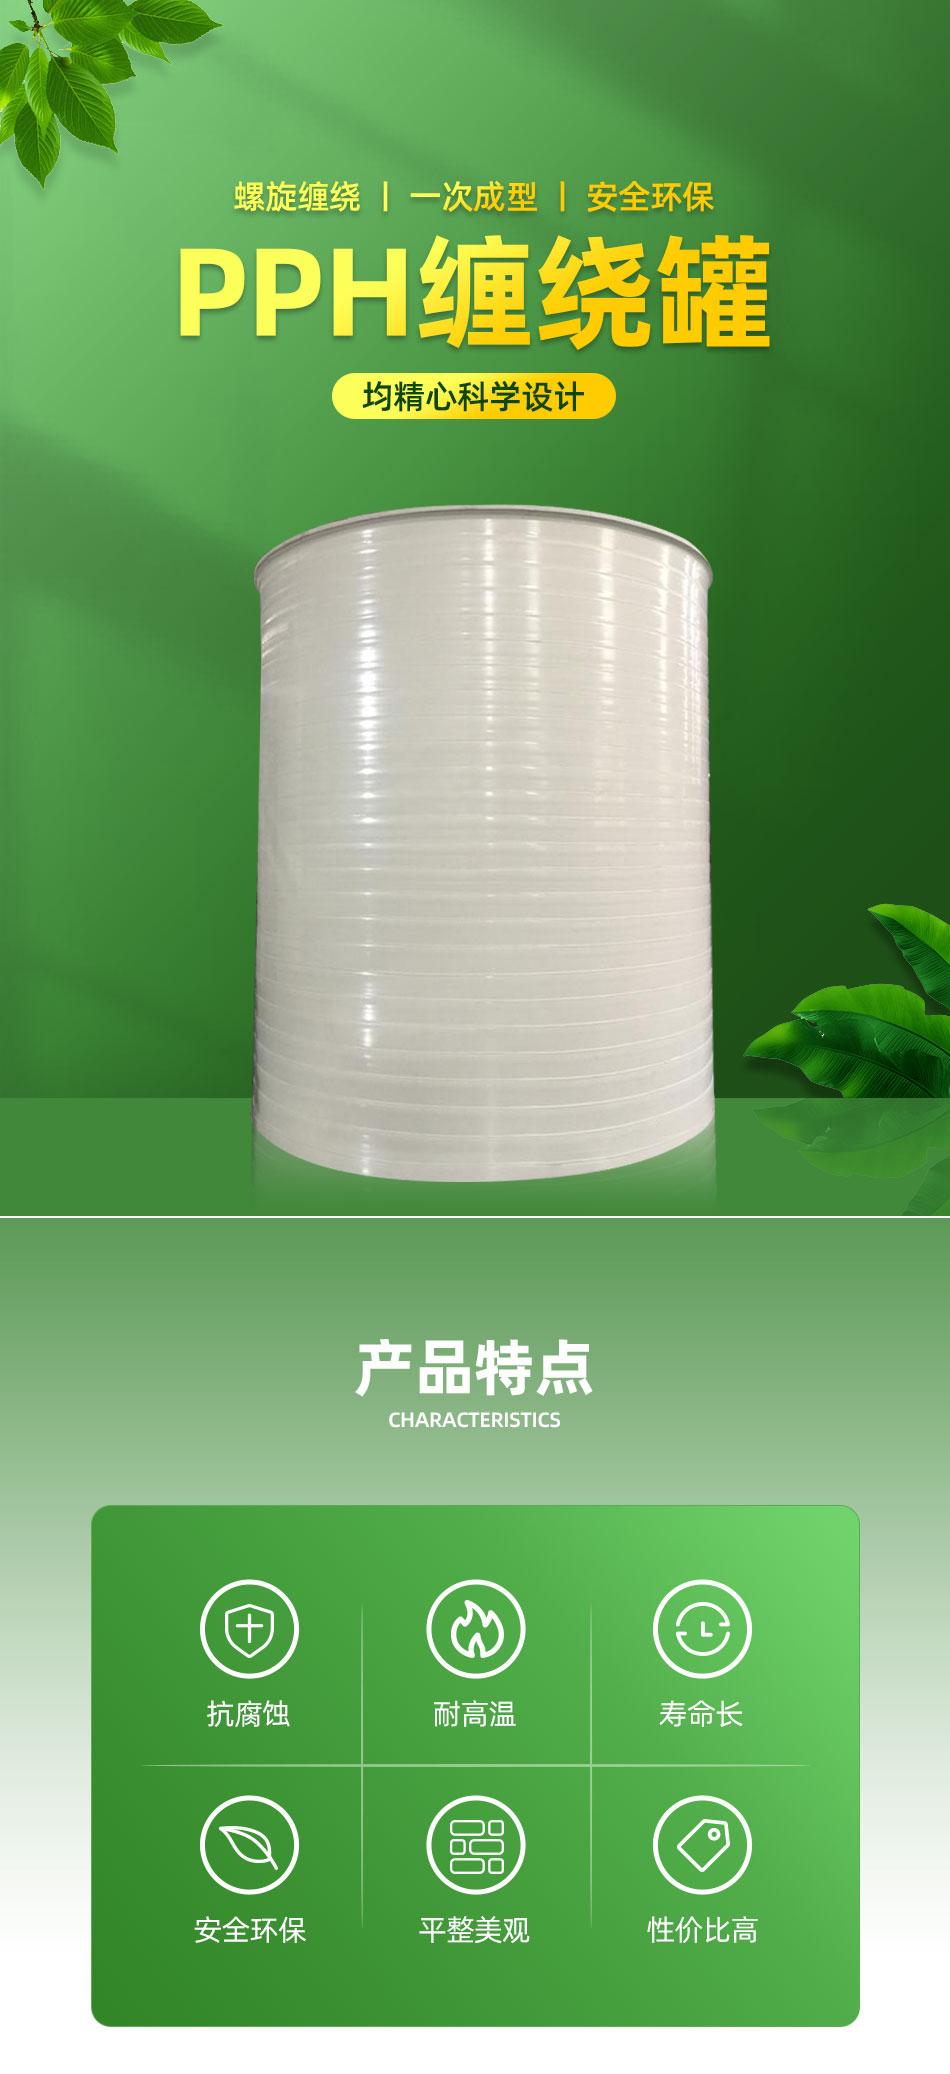 PPH缠绕罐